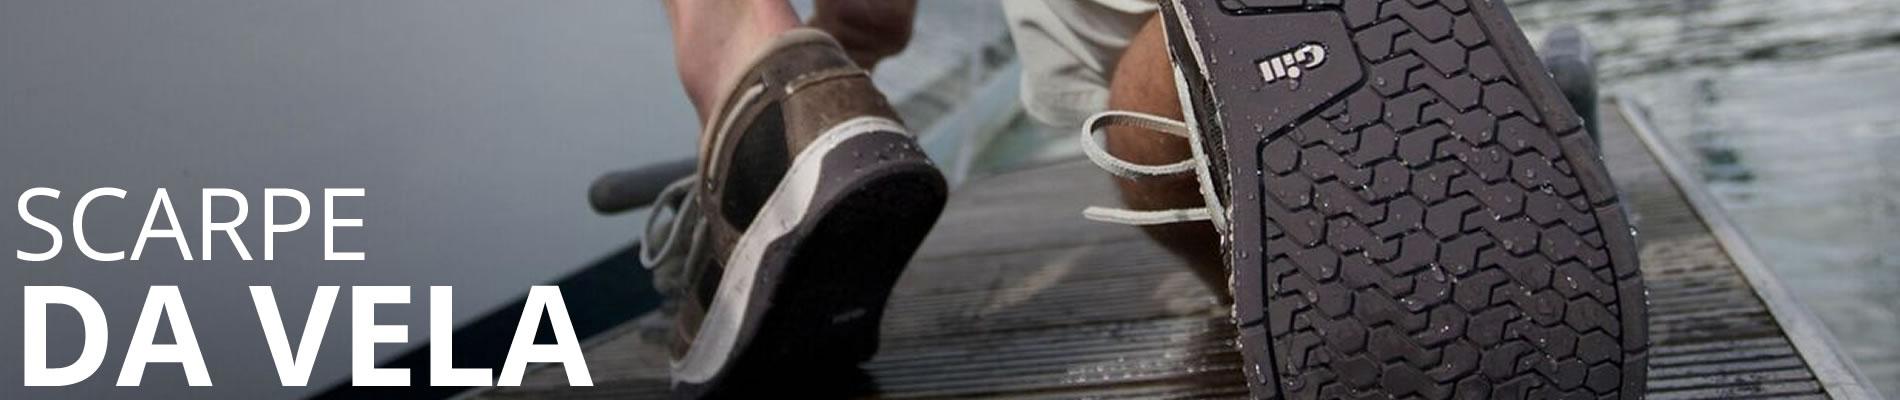 Scarpe da vela